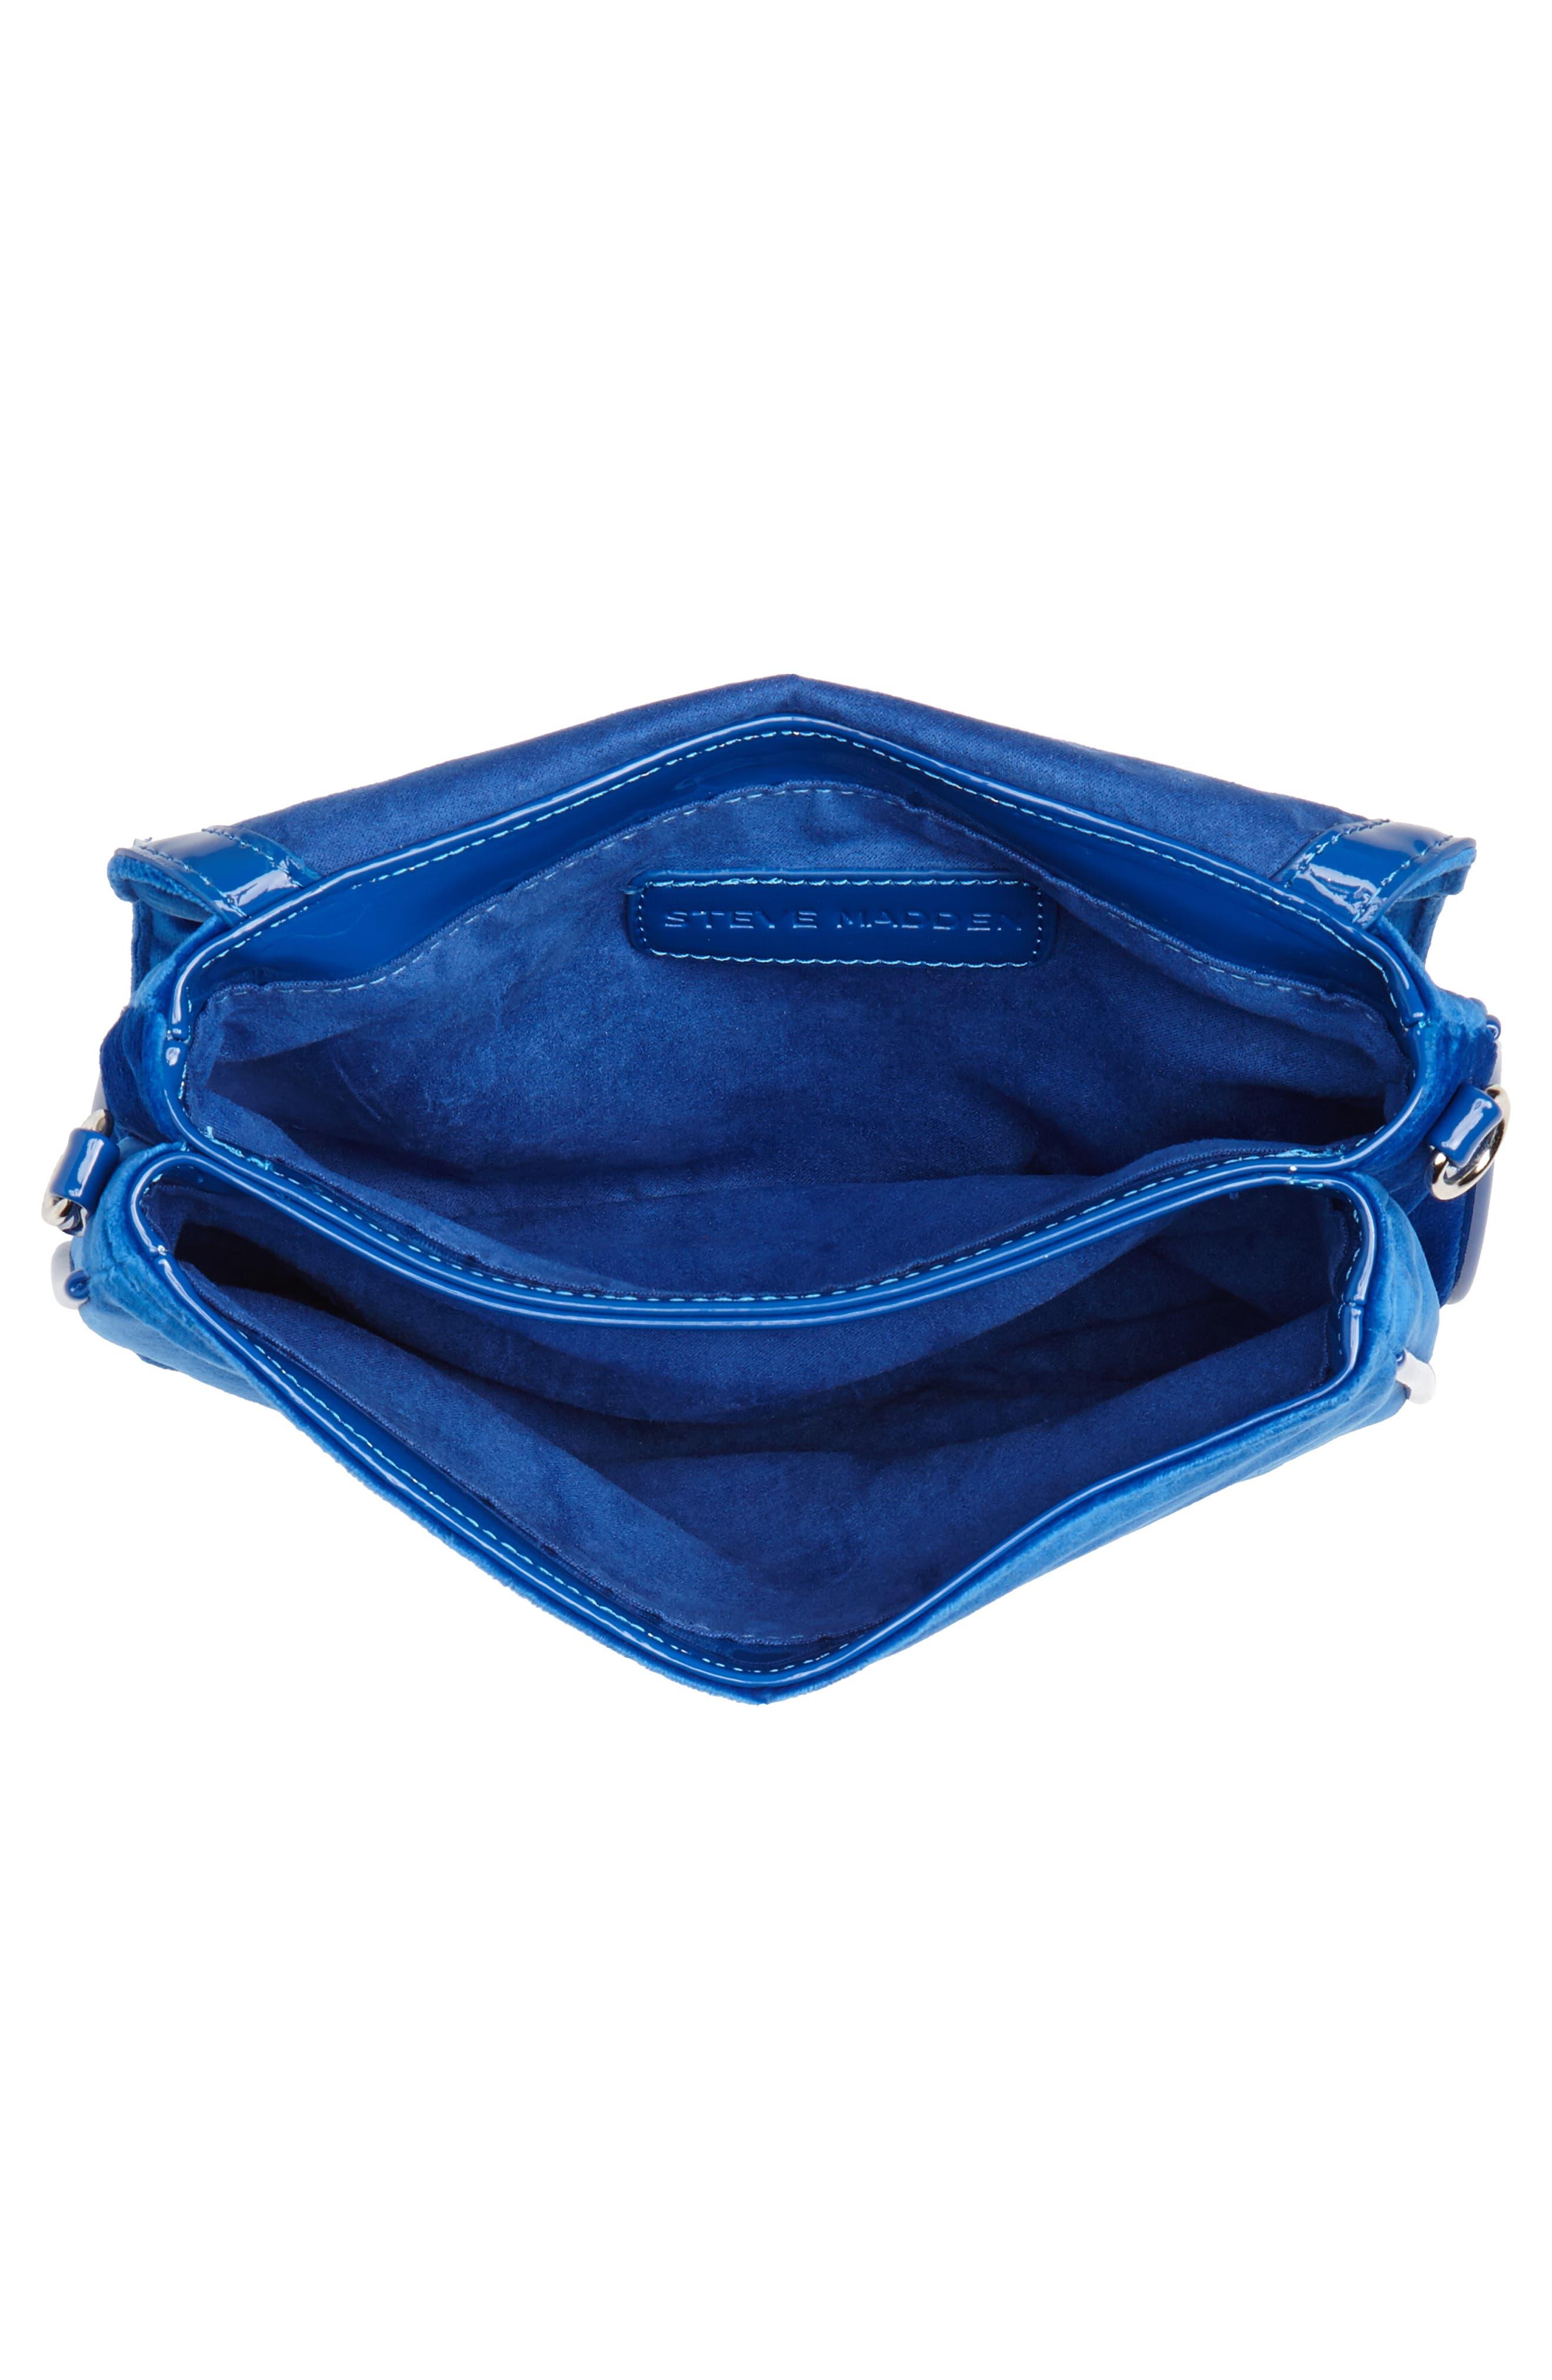 Velvet Crossbody Bag,                             Alternate thumbnail 4, color,                             BLUE